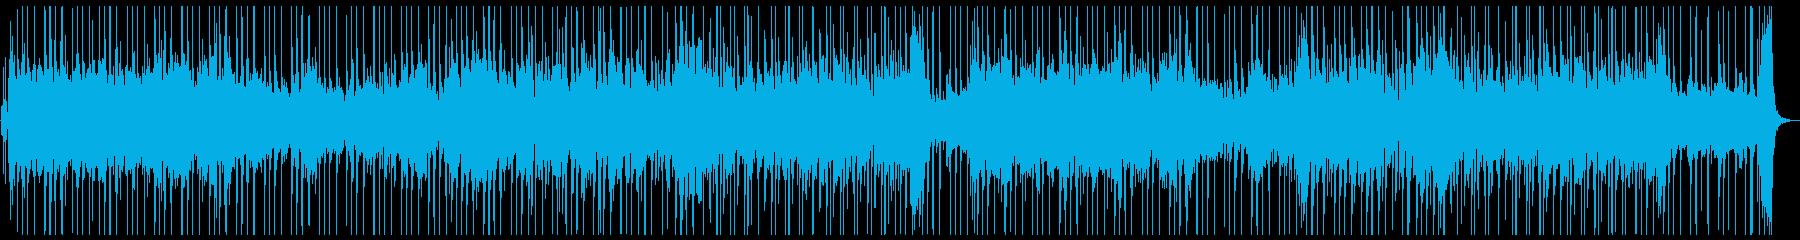 各種ギターサウンドが盛りだくさんで爽やかの再生済みの波形